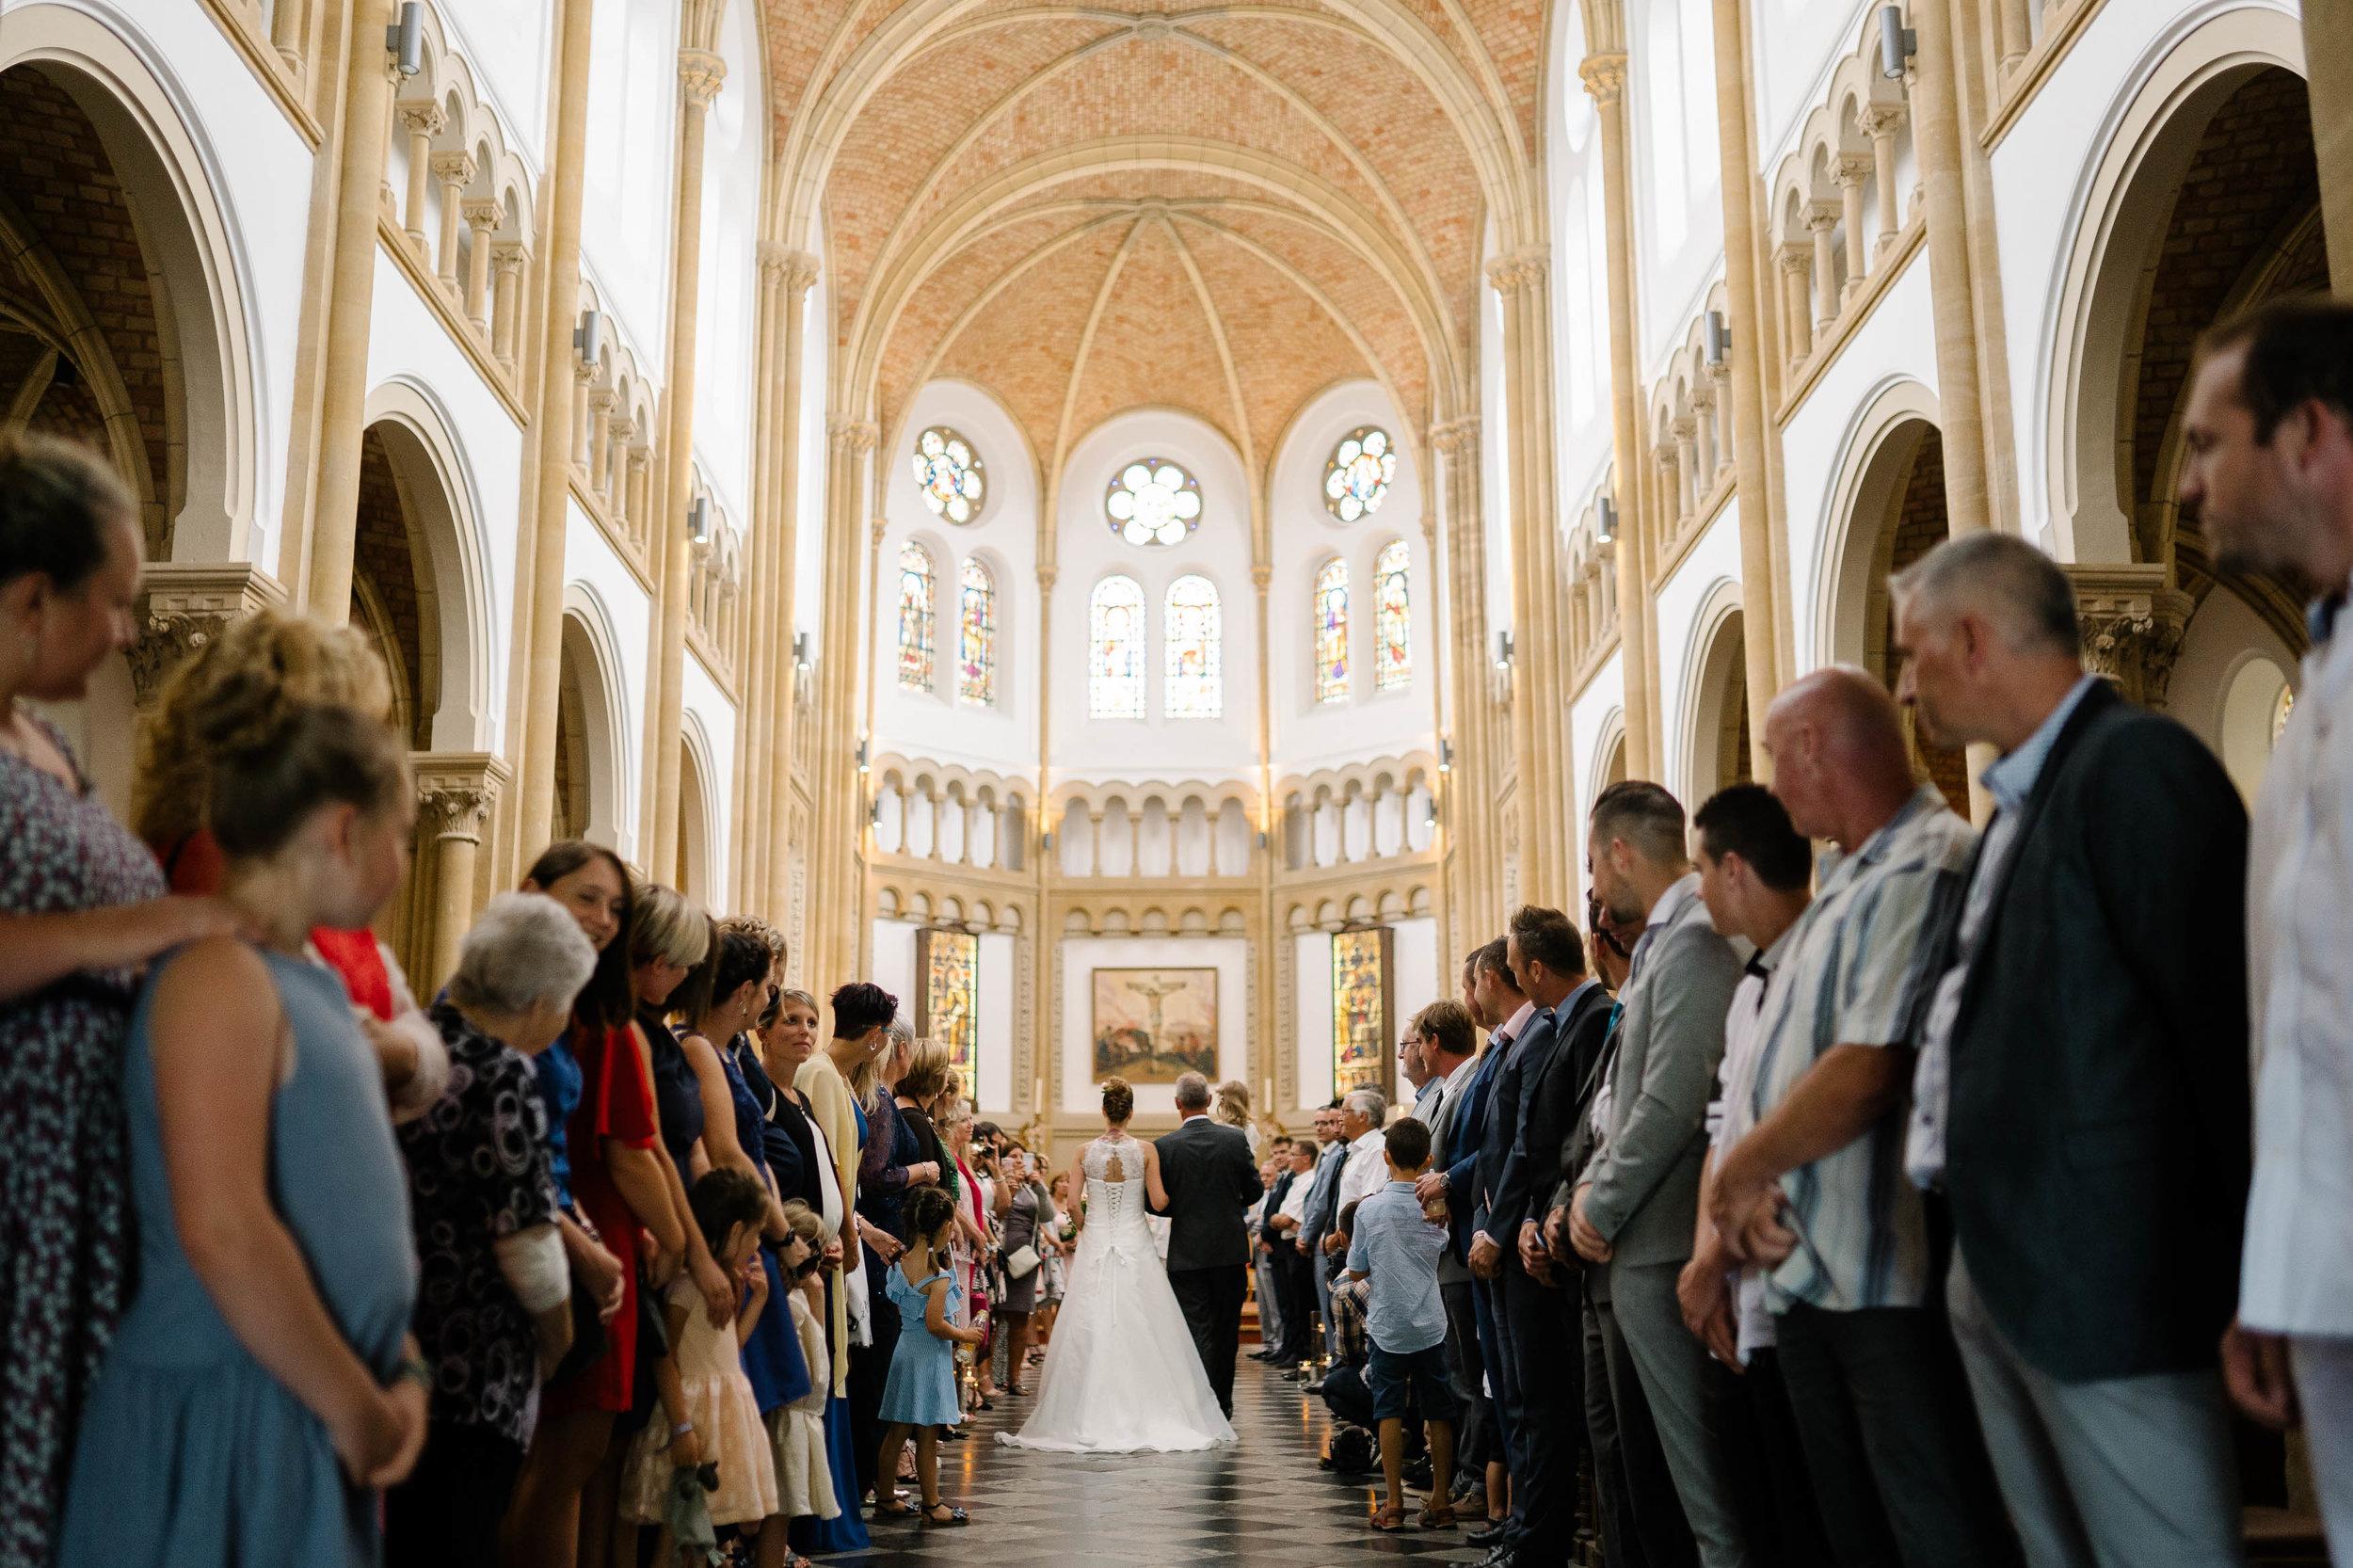 v-photographe-videaste-mariage-bruxelles-leleu-34.jpg